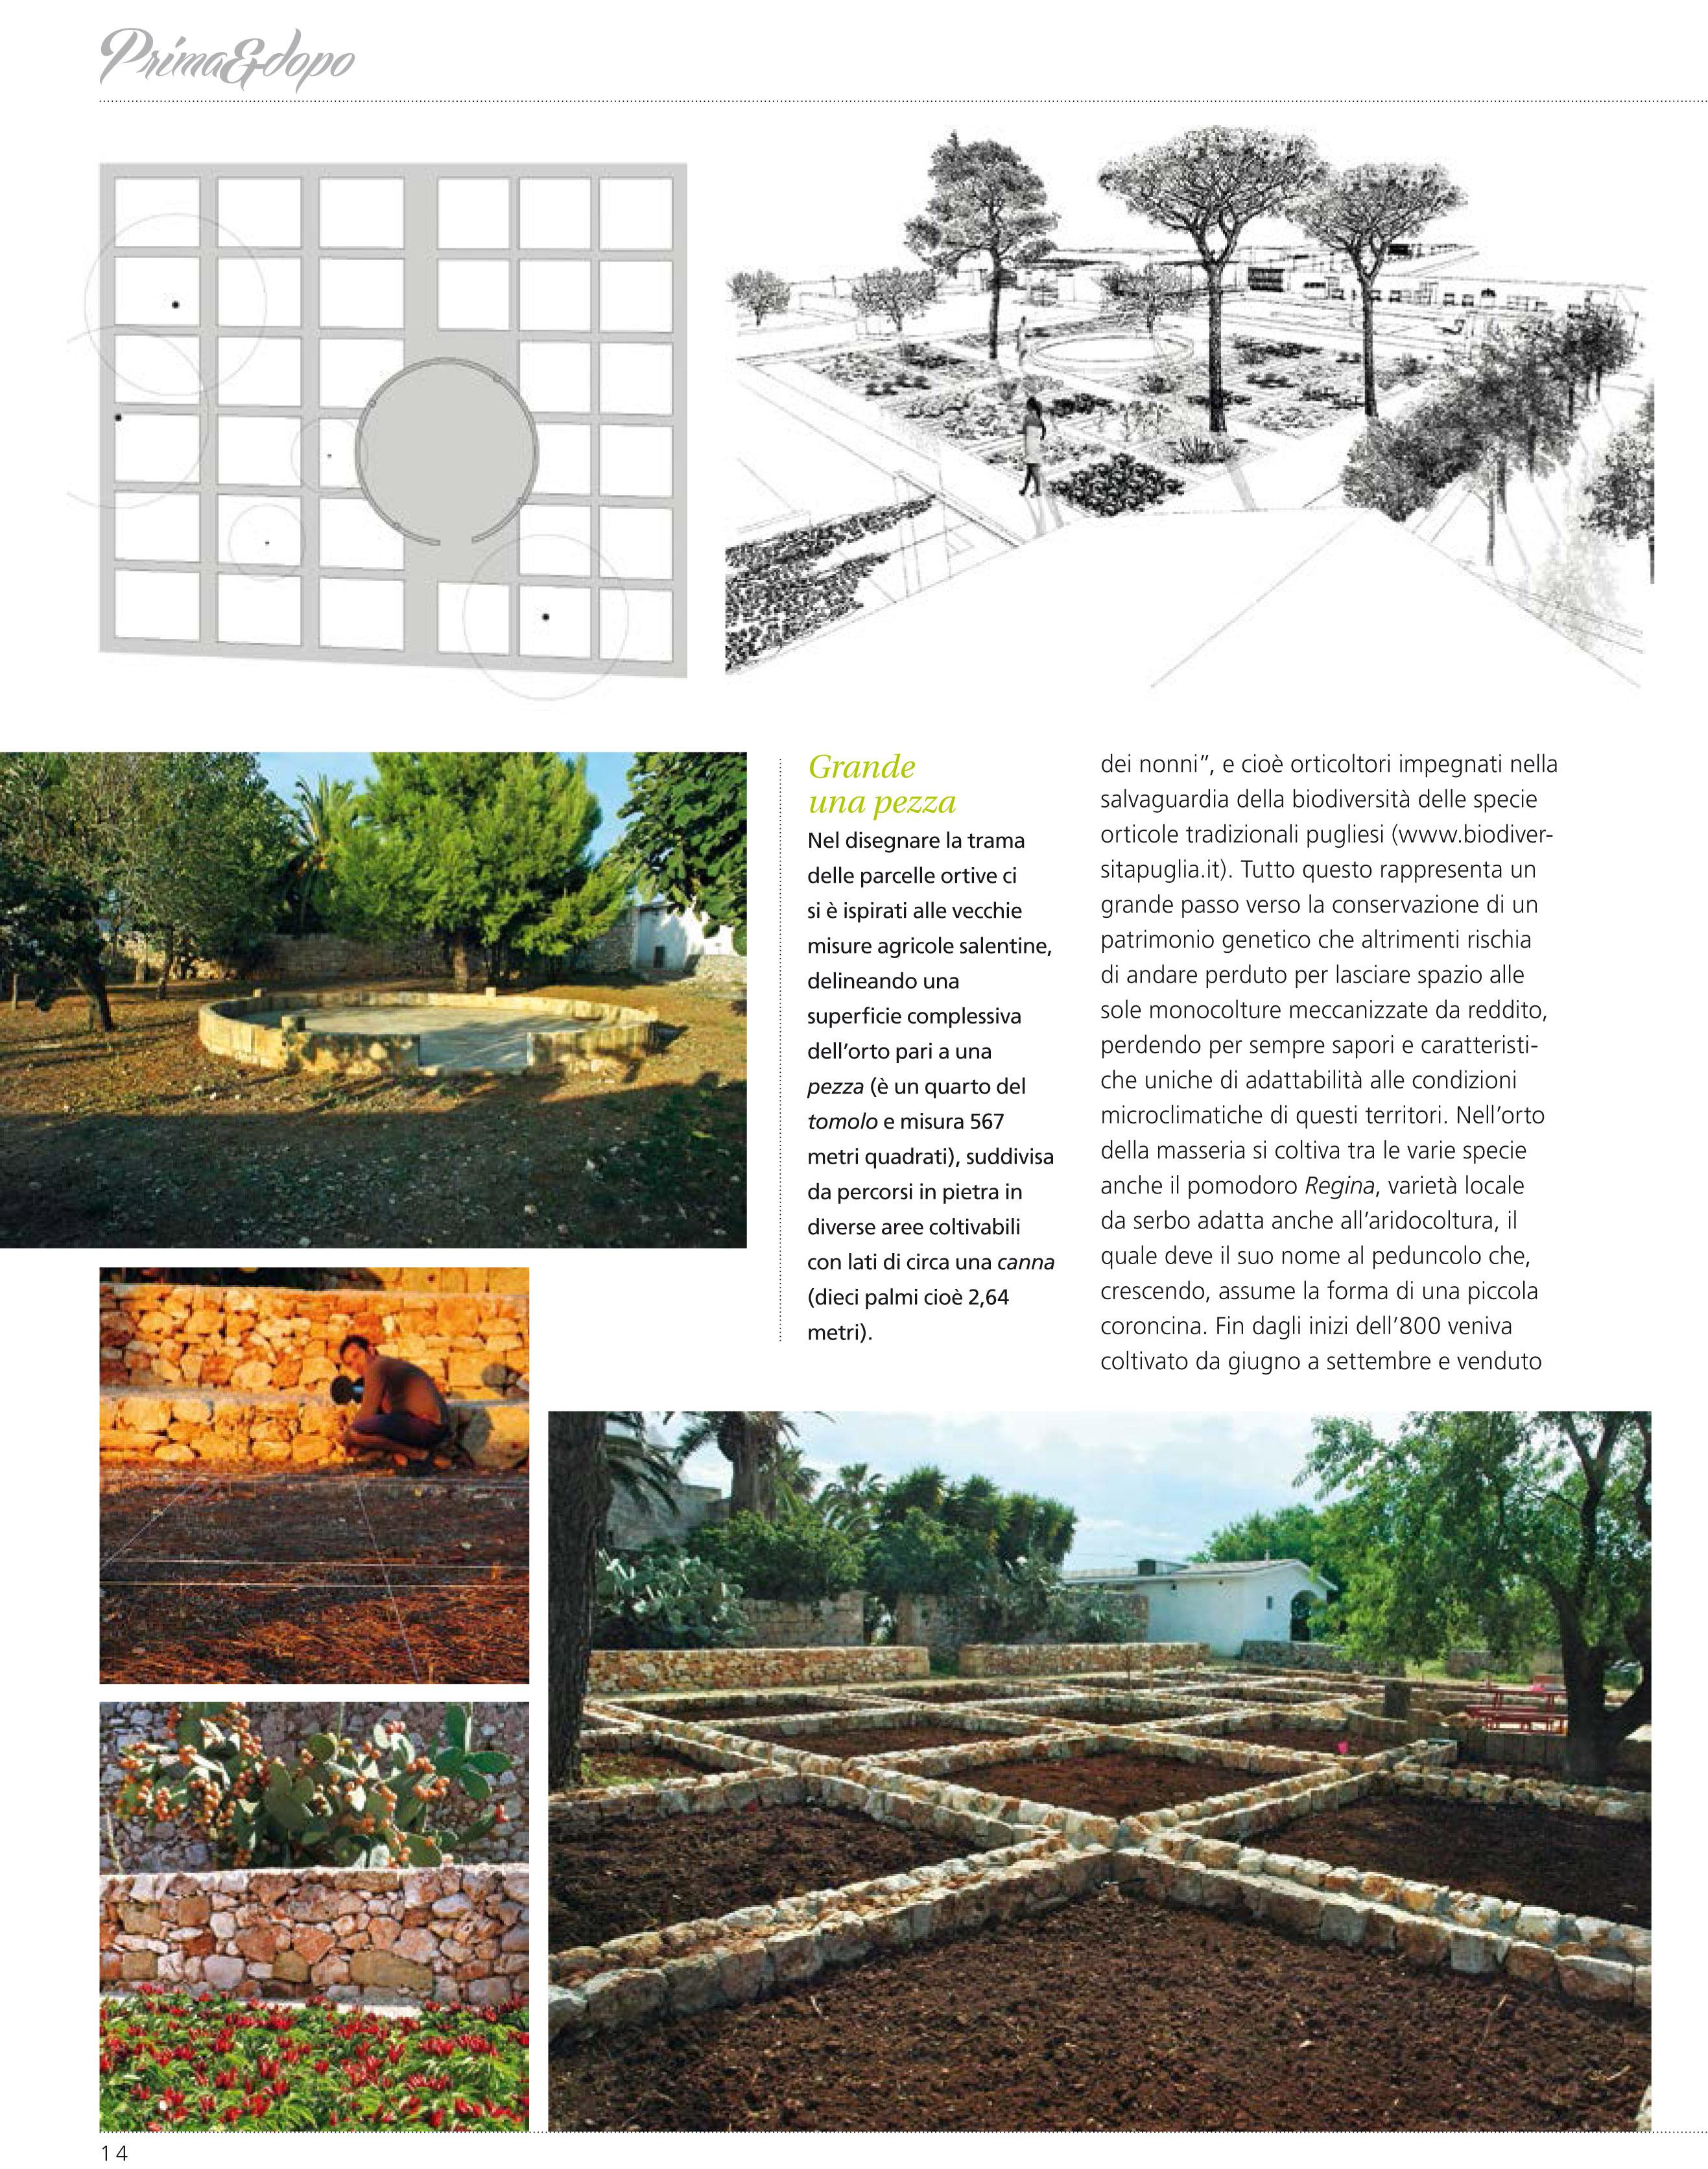 Il progetto biodiverso sulla rivista giardino antico for Progetto giardino mediterraneo